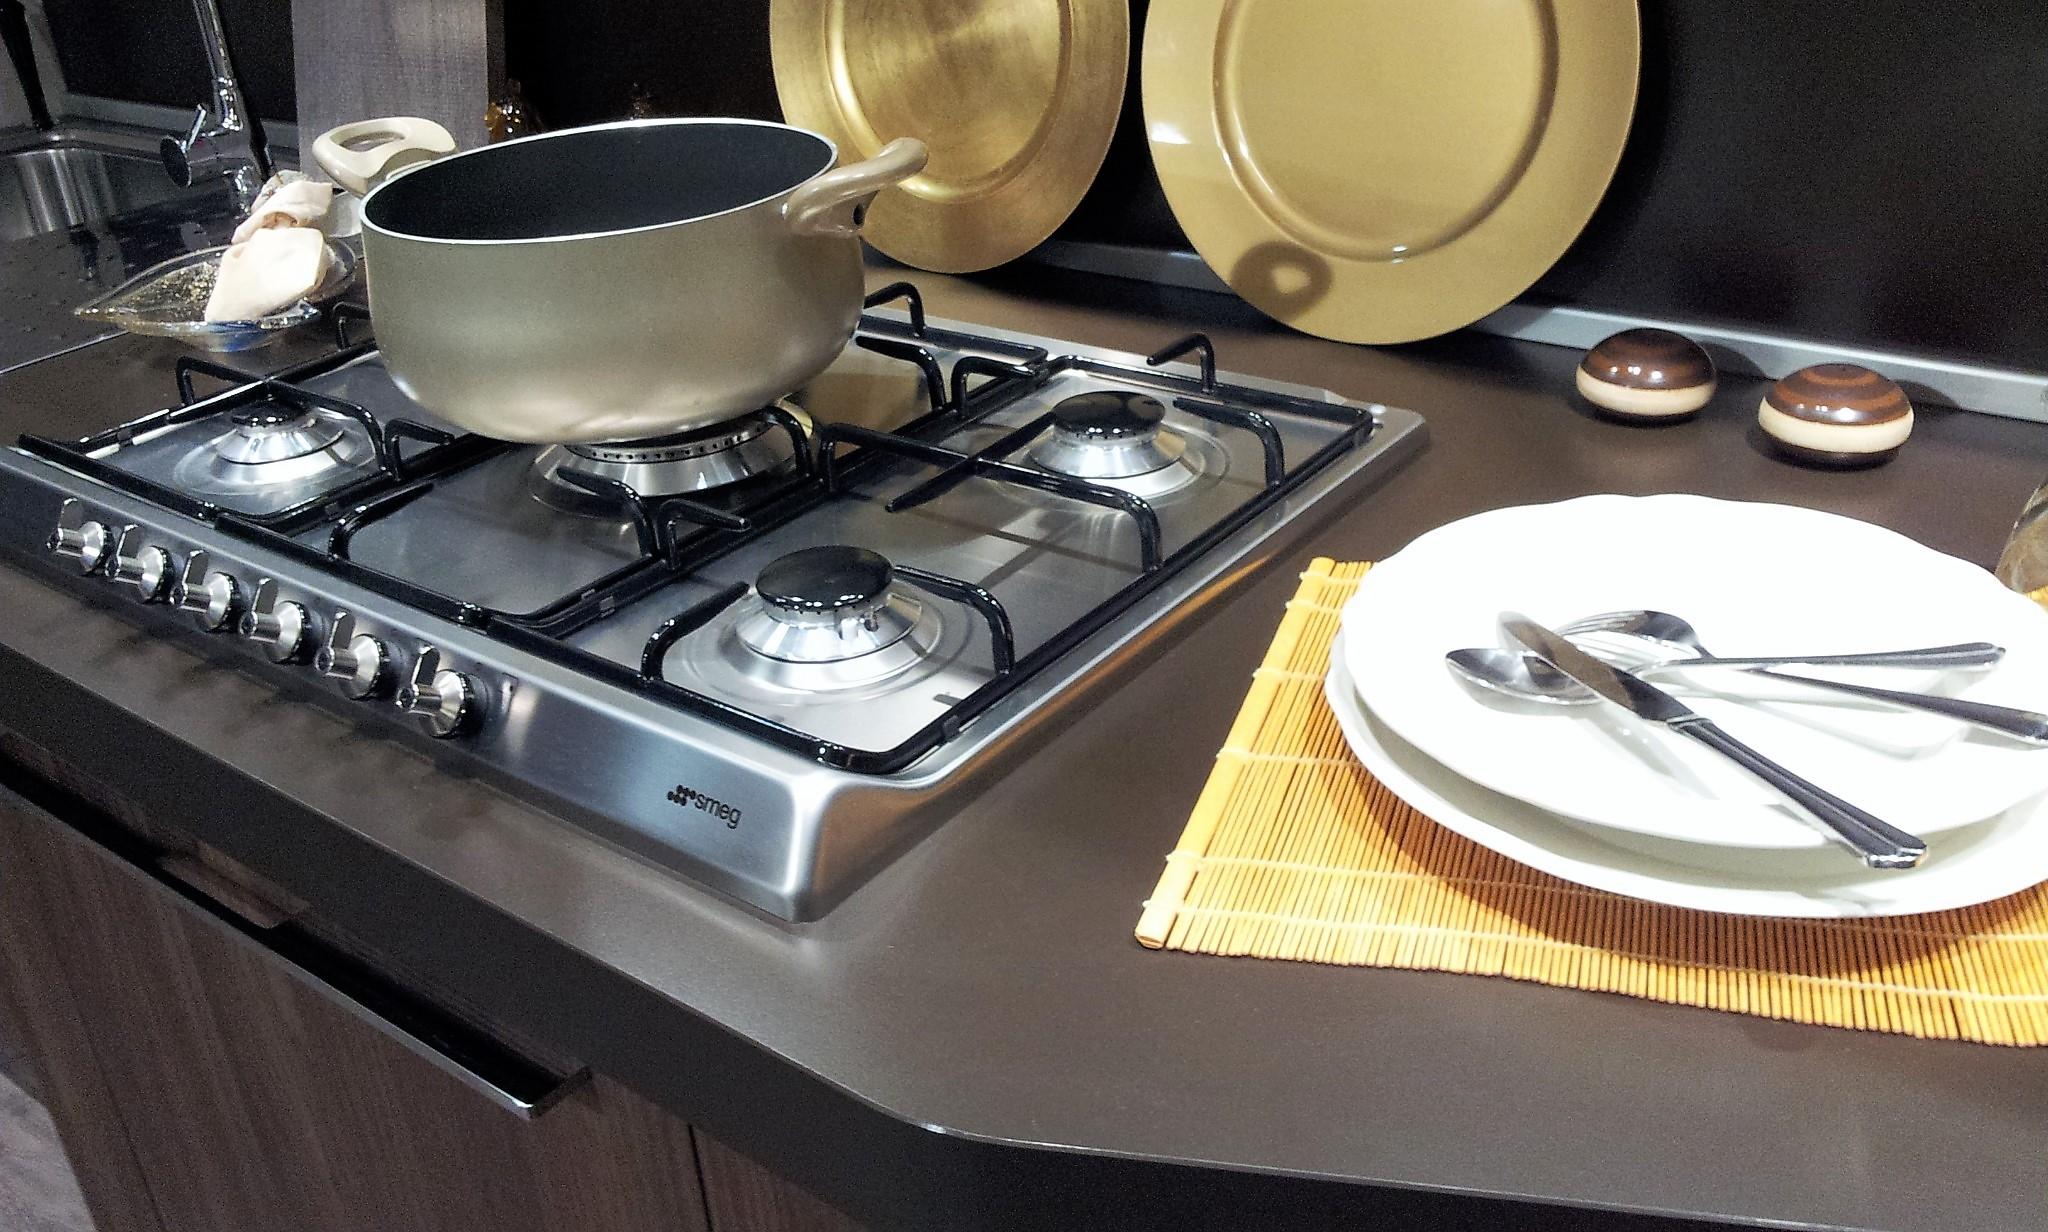 Beautiful Cucine Da Incasso Smeg Photos - harrop.us - harrop.us